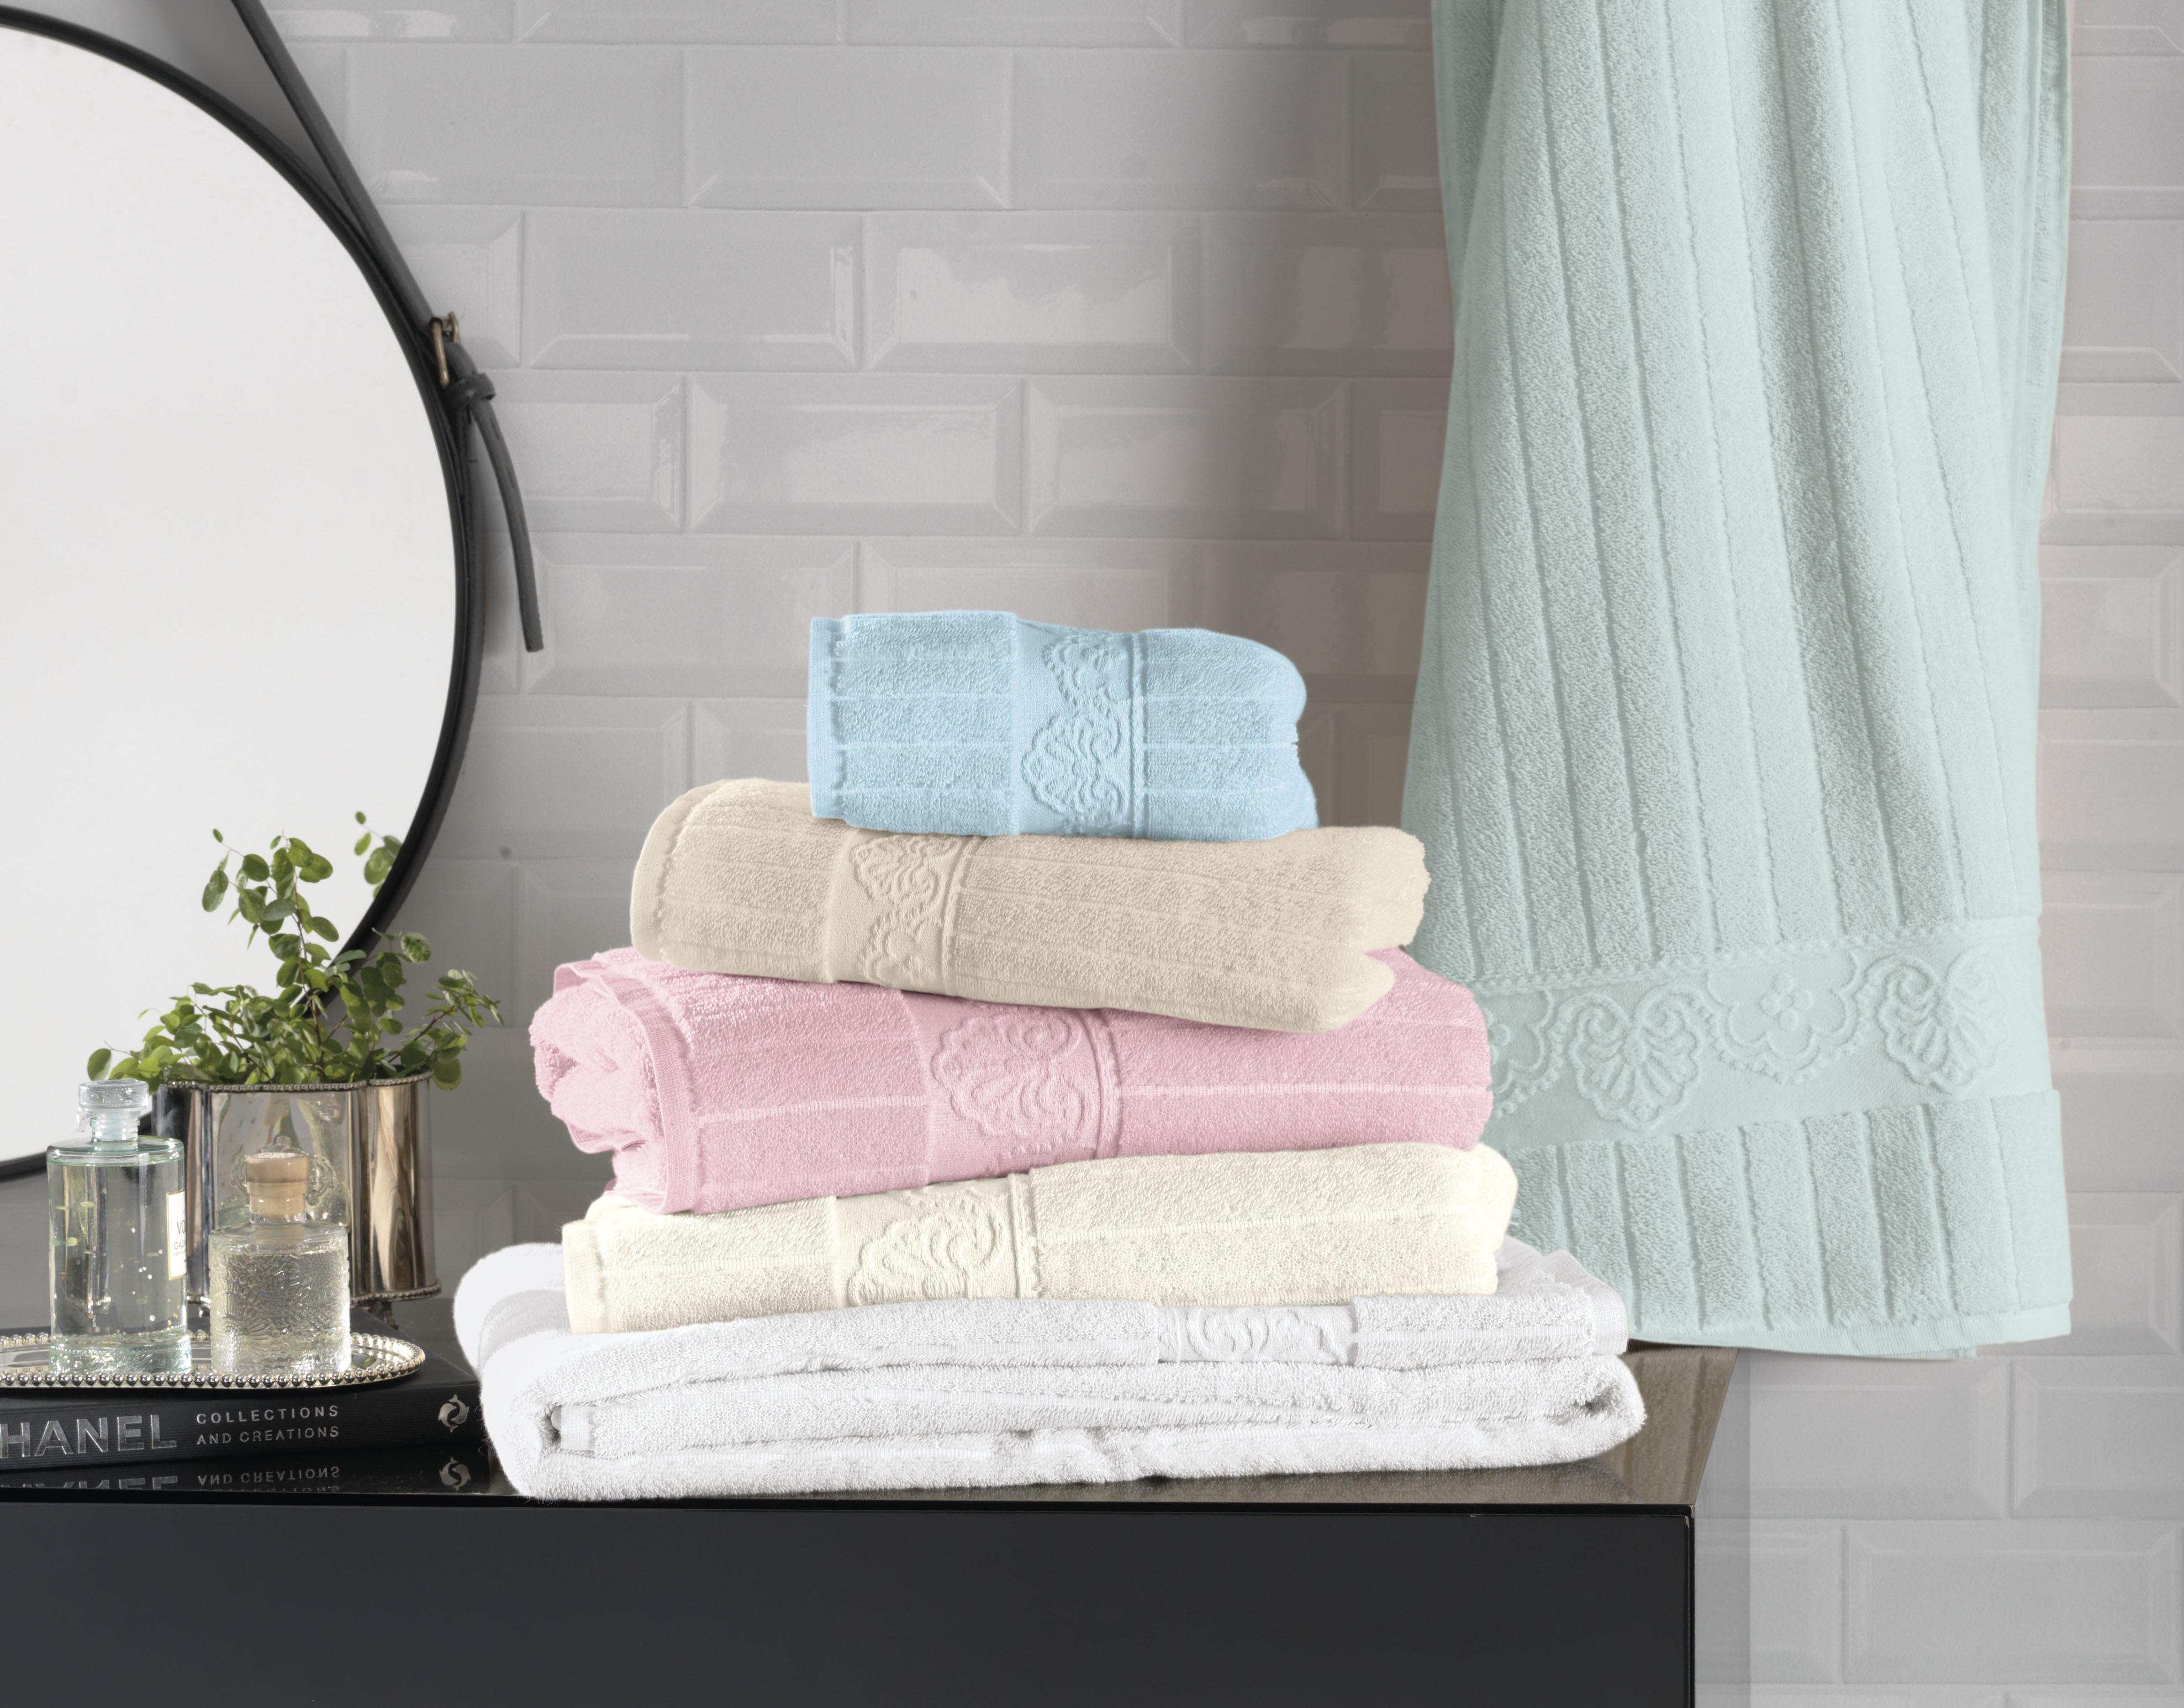 Bonitas e macias: você sabe como cuidar das toalhas?